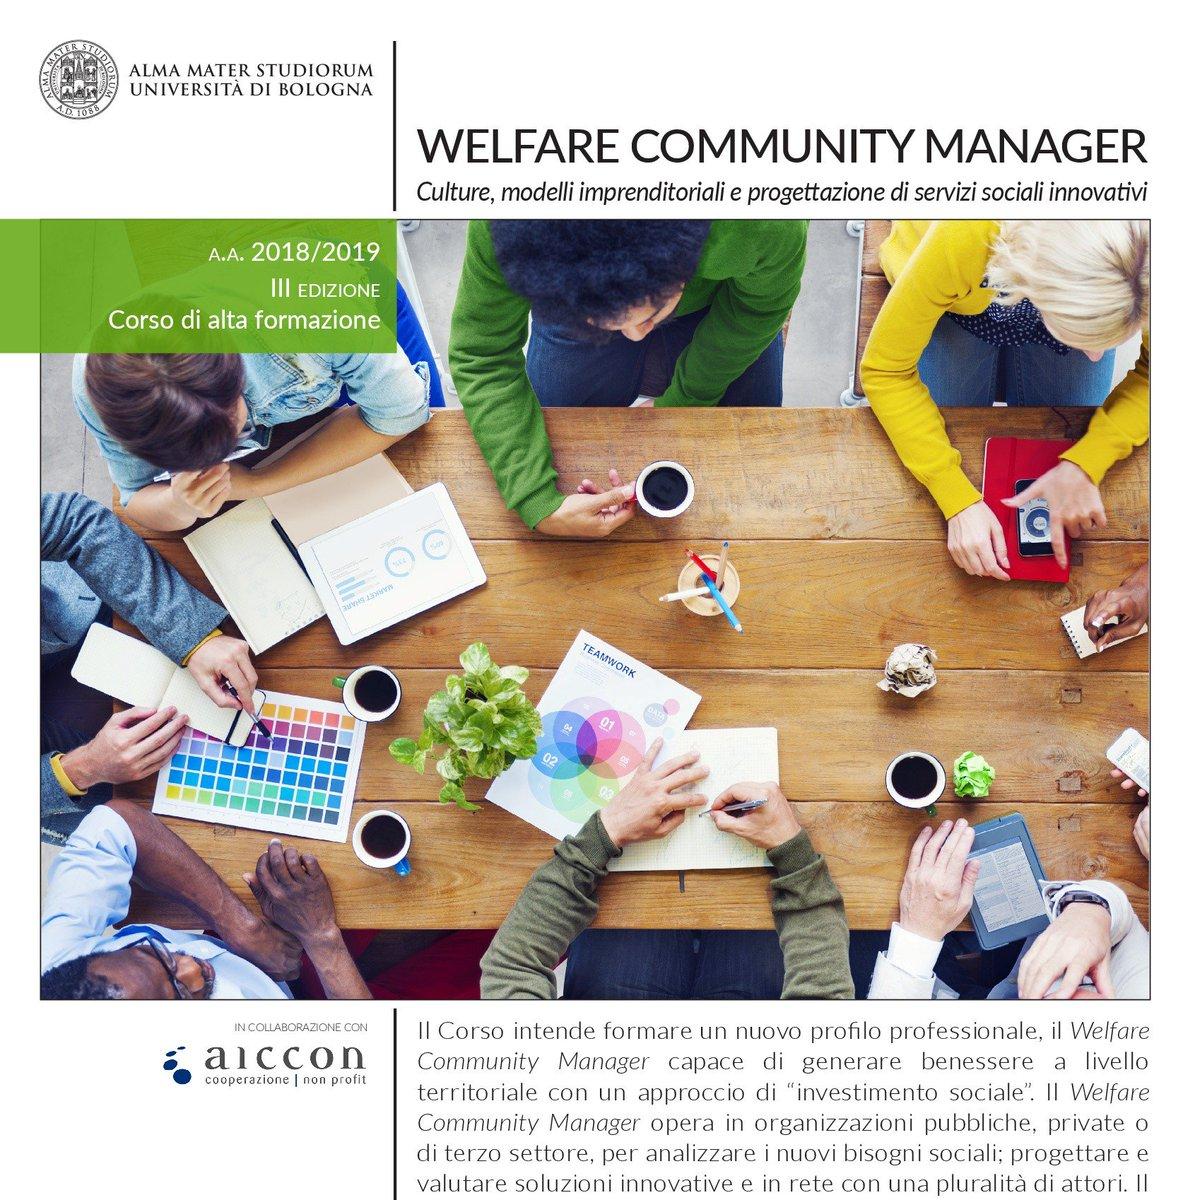 Come diventare #Welfare Community Manager?Sono aperte le iscrizioni alla III edizione del Corso di alta formazione in Welfare Community Manager dell'Università di Bologna in collaborazione con AICCON. SCARICA LA BROCHURE http://bit.ly/CAFwcm #nonprofit #terzosettore  - Ukustom